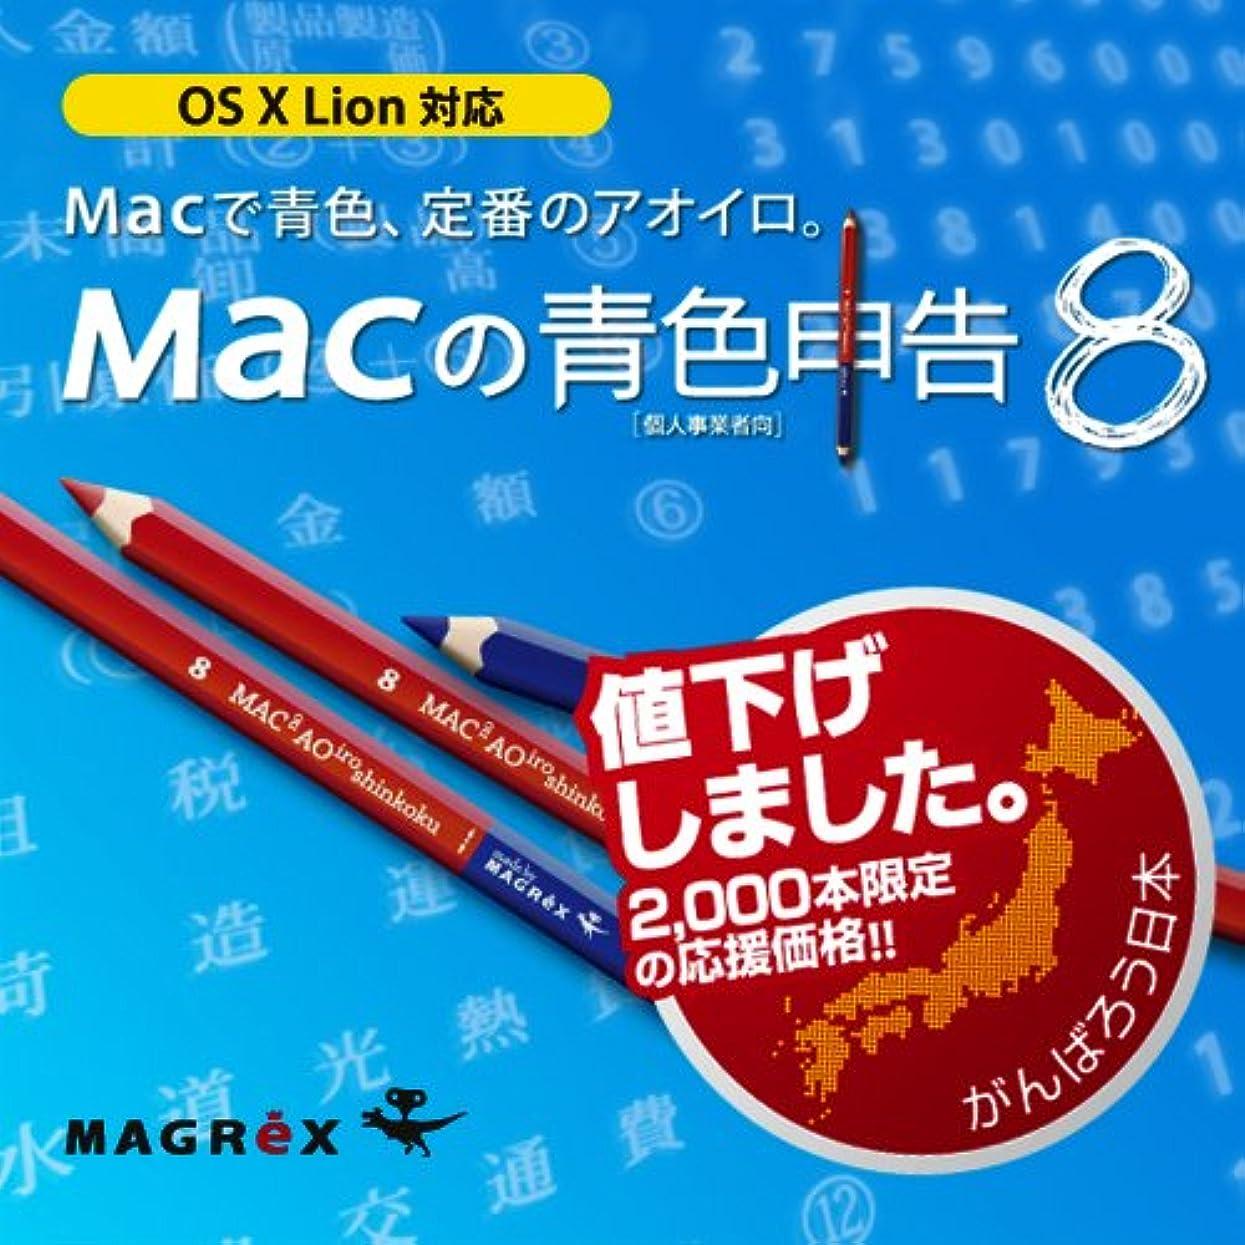 適応する彼女自身系譜Macの青色申告ver.8 [ダウンロード]